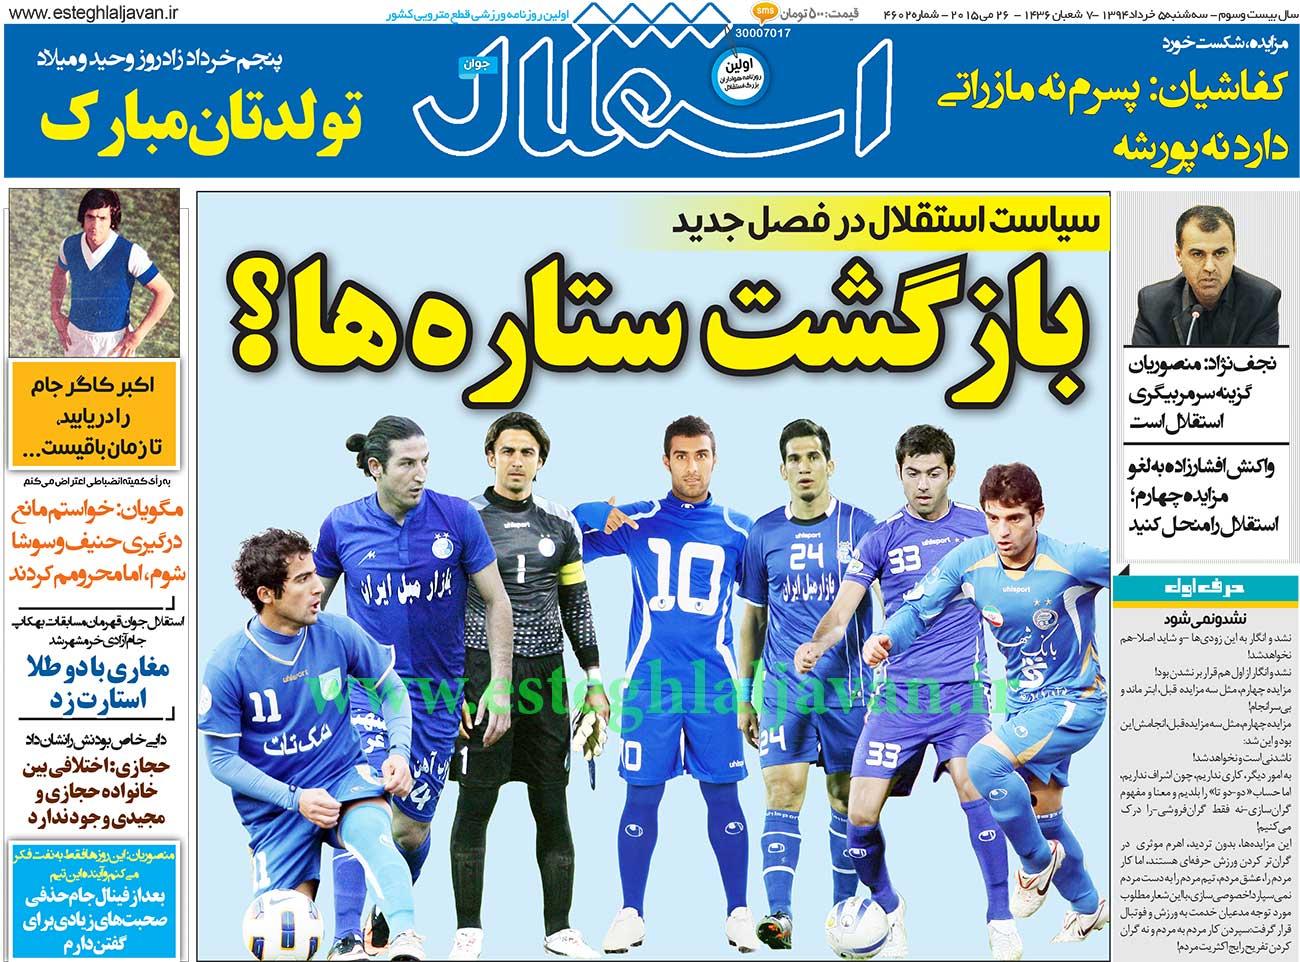 www.dustaan.com نیم صفحه اول روزنامه های ورزشی سه شنبه ۵ خرداد ماه ۱۳۹۴